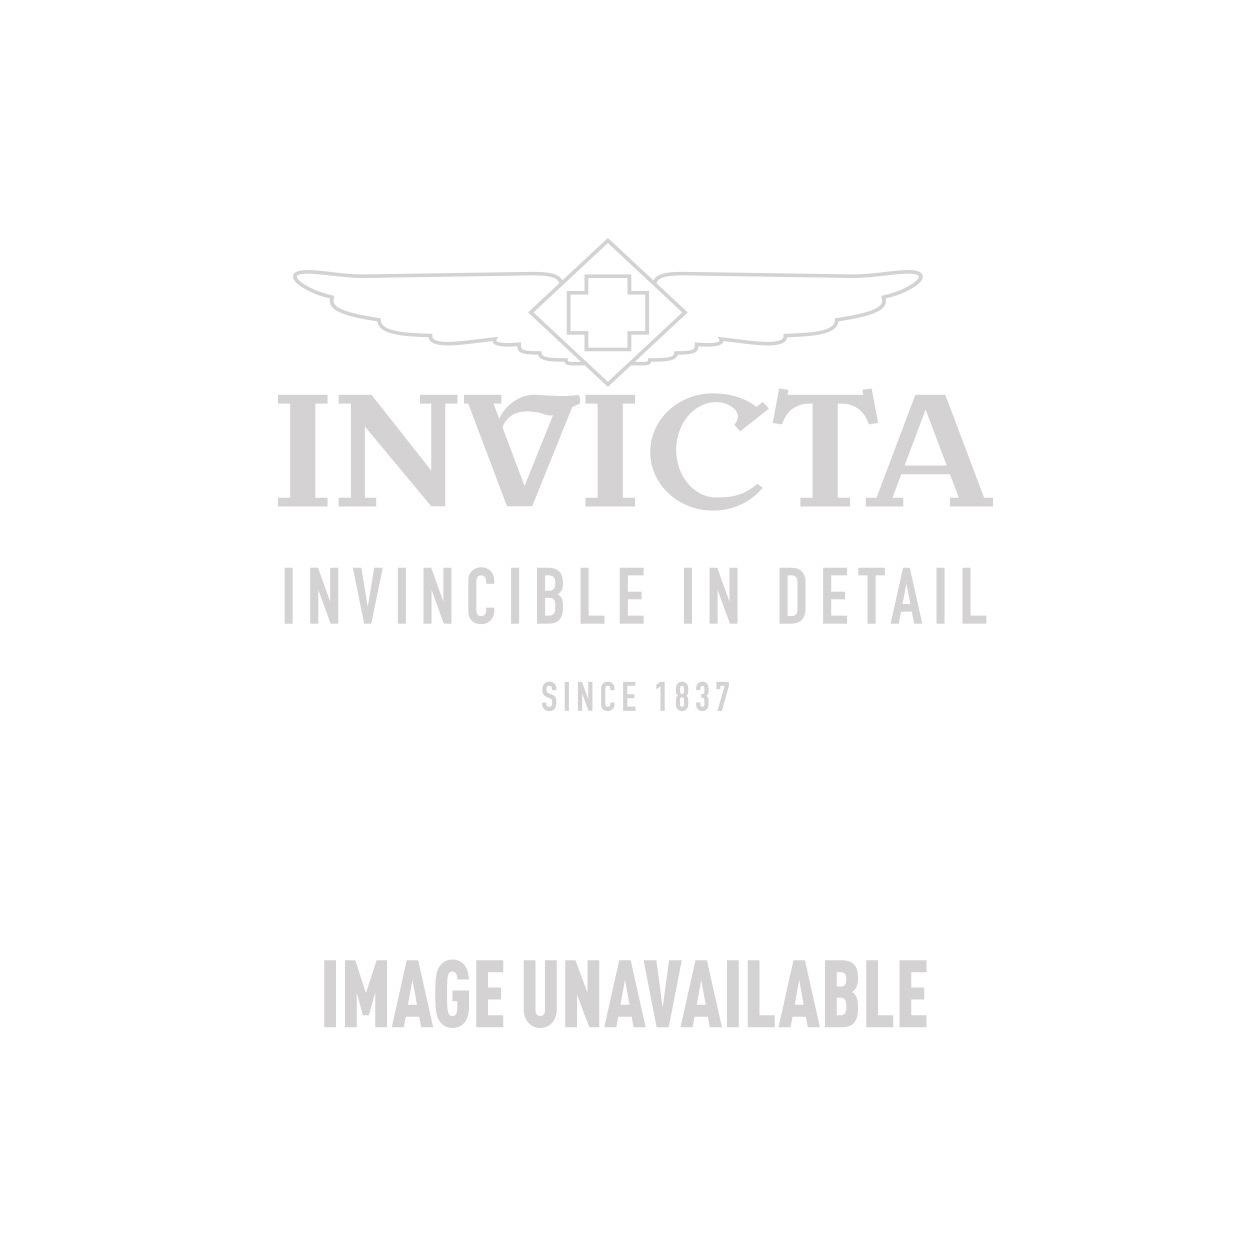 Invicta Cuadro Mens Quartz 43mm Stainless Steel Case Black Dial - Model 1692